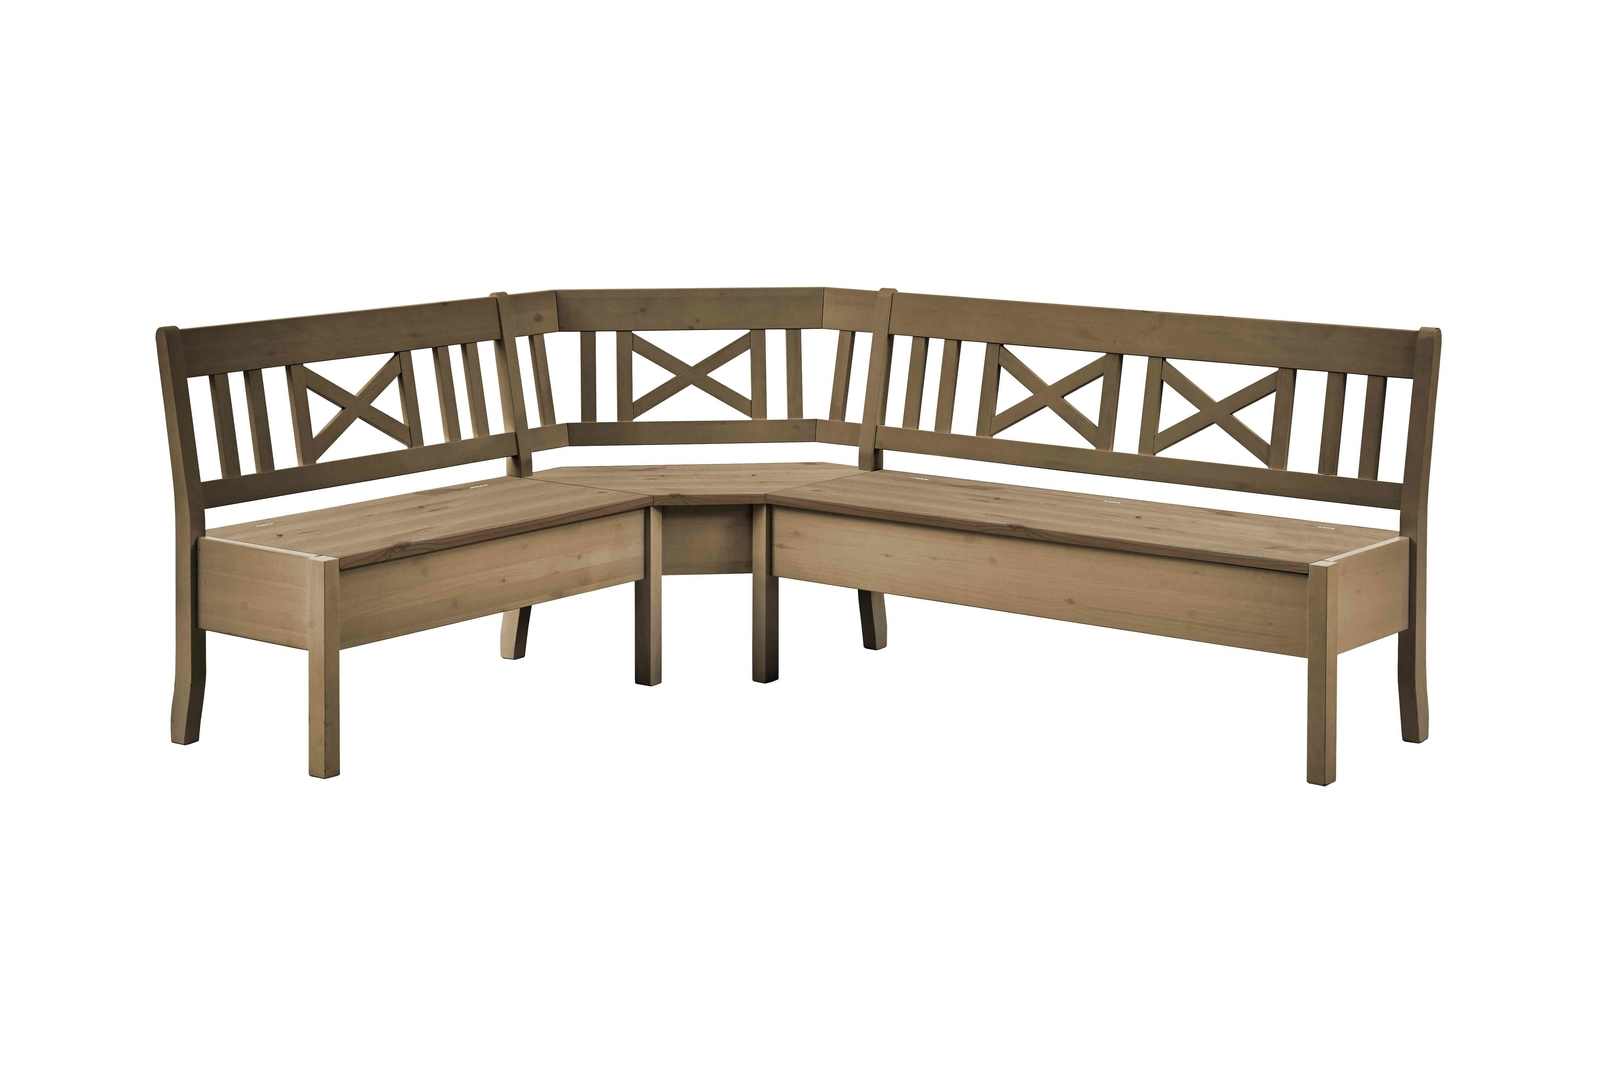 eckbank fjord f r k che und esszimmer 213x147cm von jumek. Black Bedroom Furniture Sets. Home Design Ideas